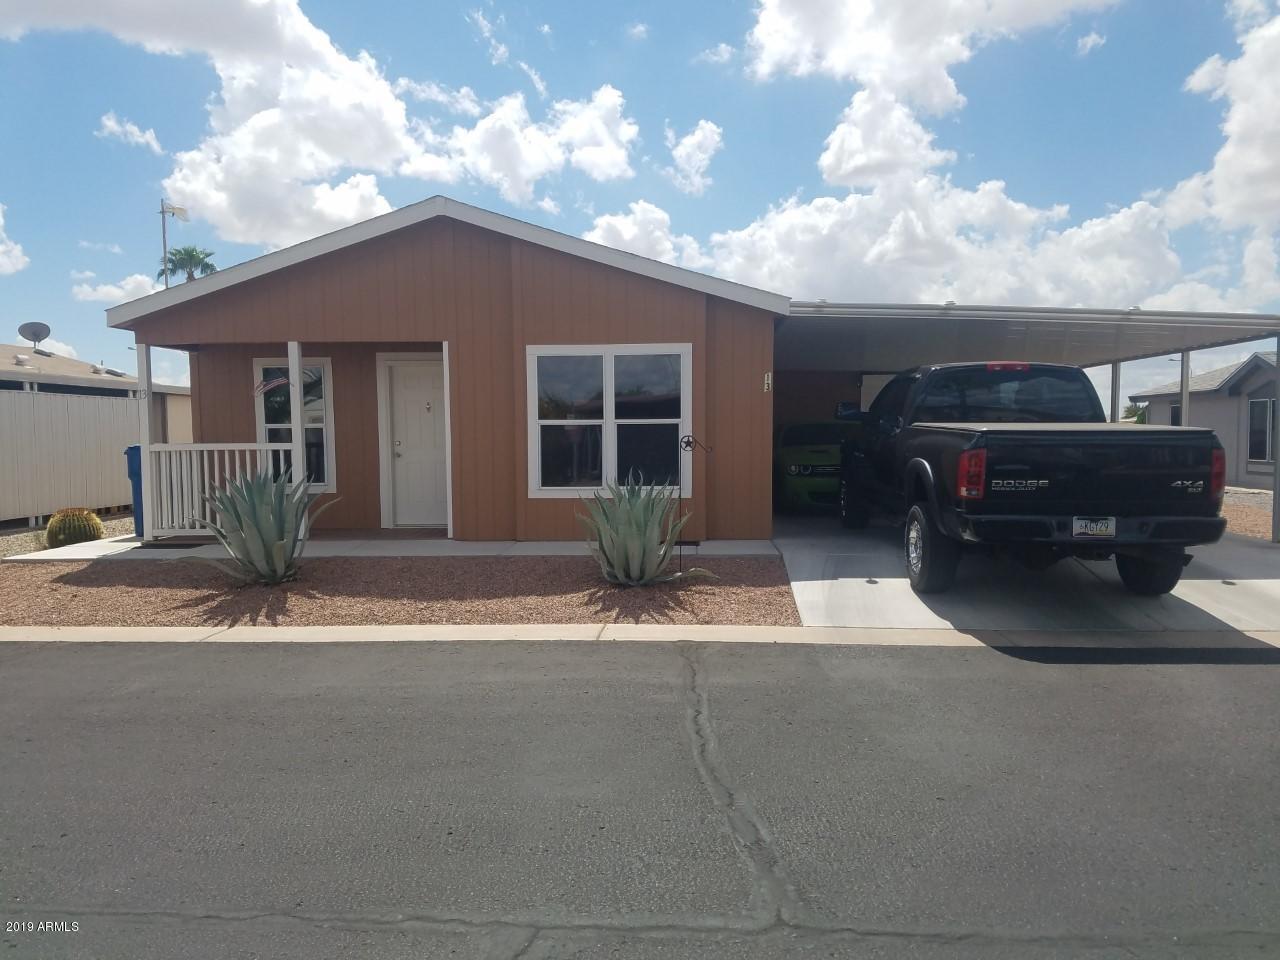 Photo of 3355 S Cortez Road #13, Apache Junction, AZ 85119